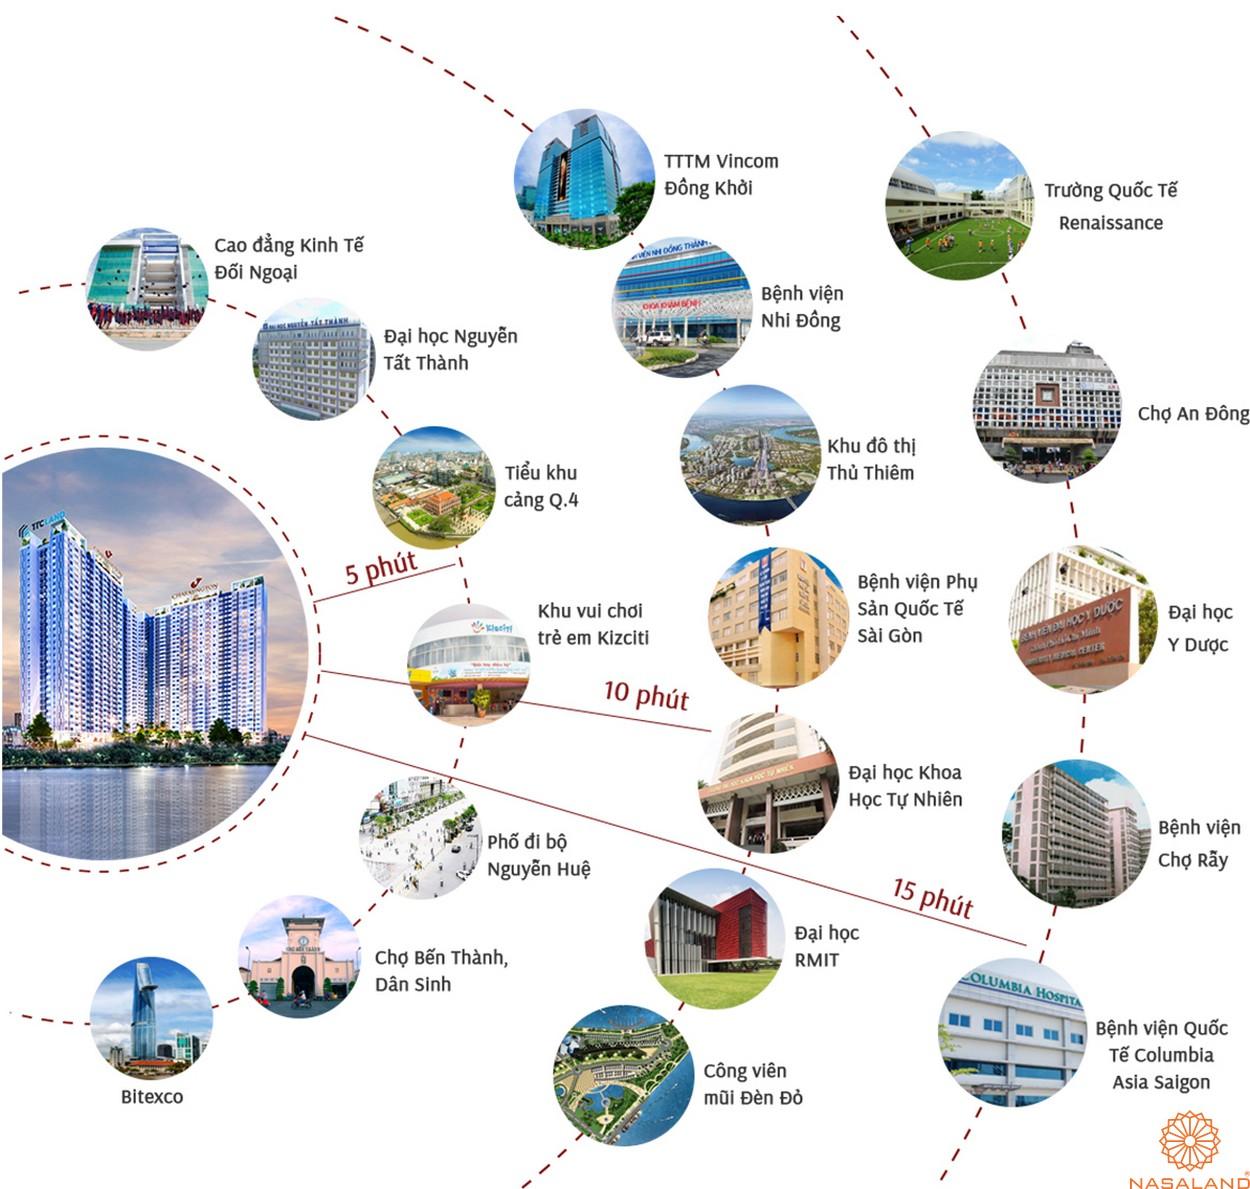 Tiện ích của dự án căn hộ Charmington Iris 2020